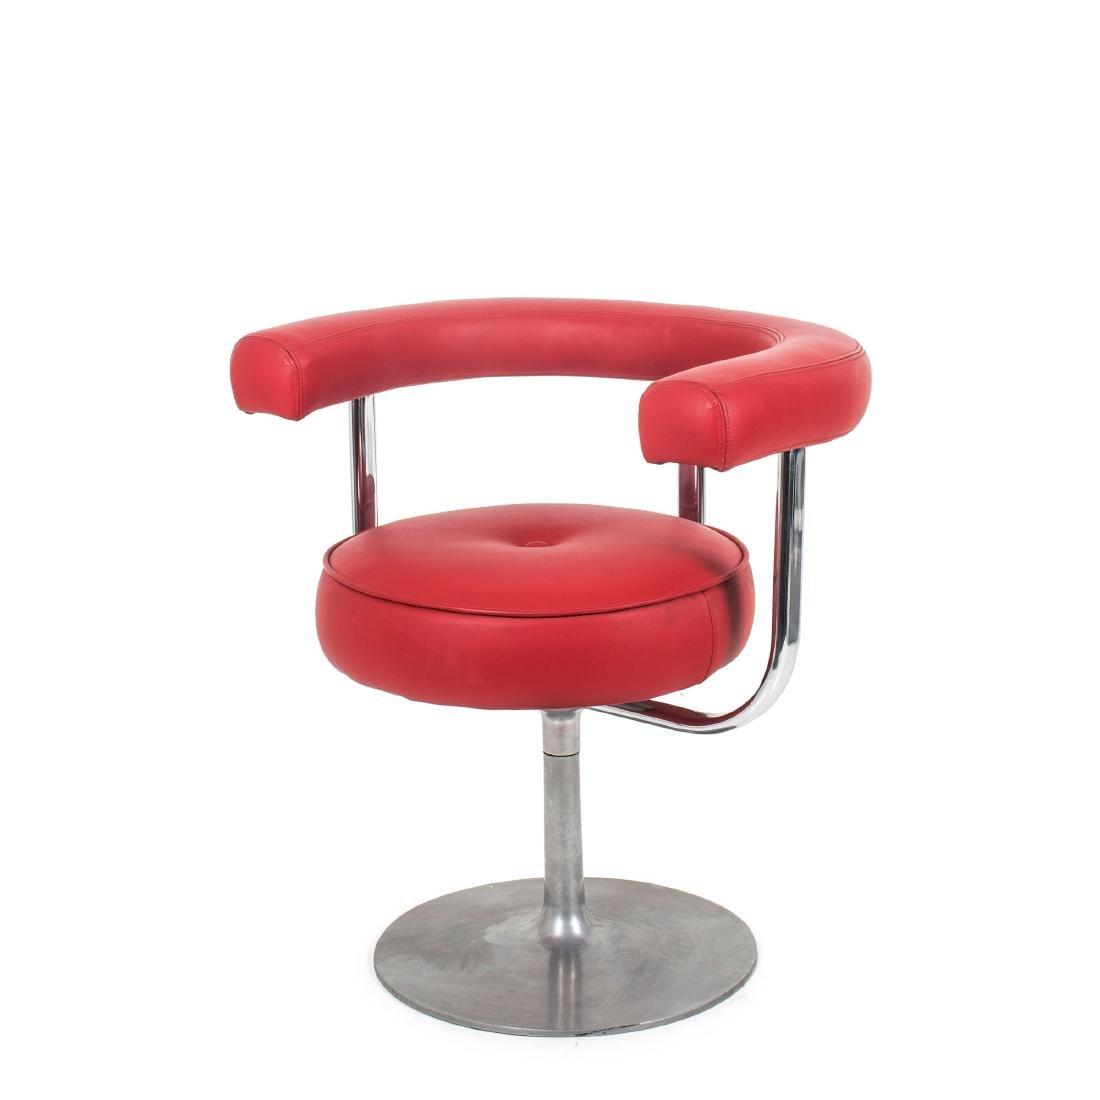 'Polar' armchair, c. 1965